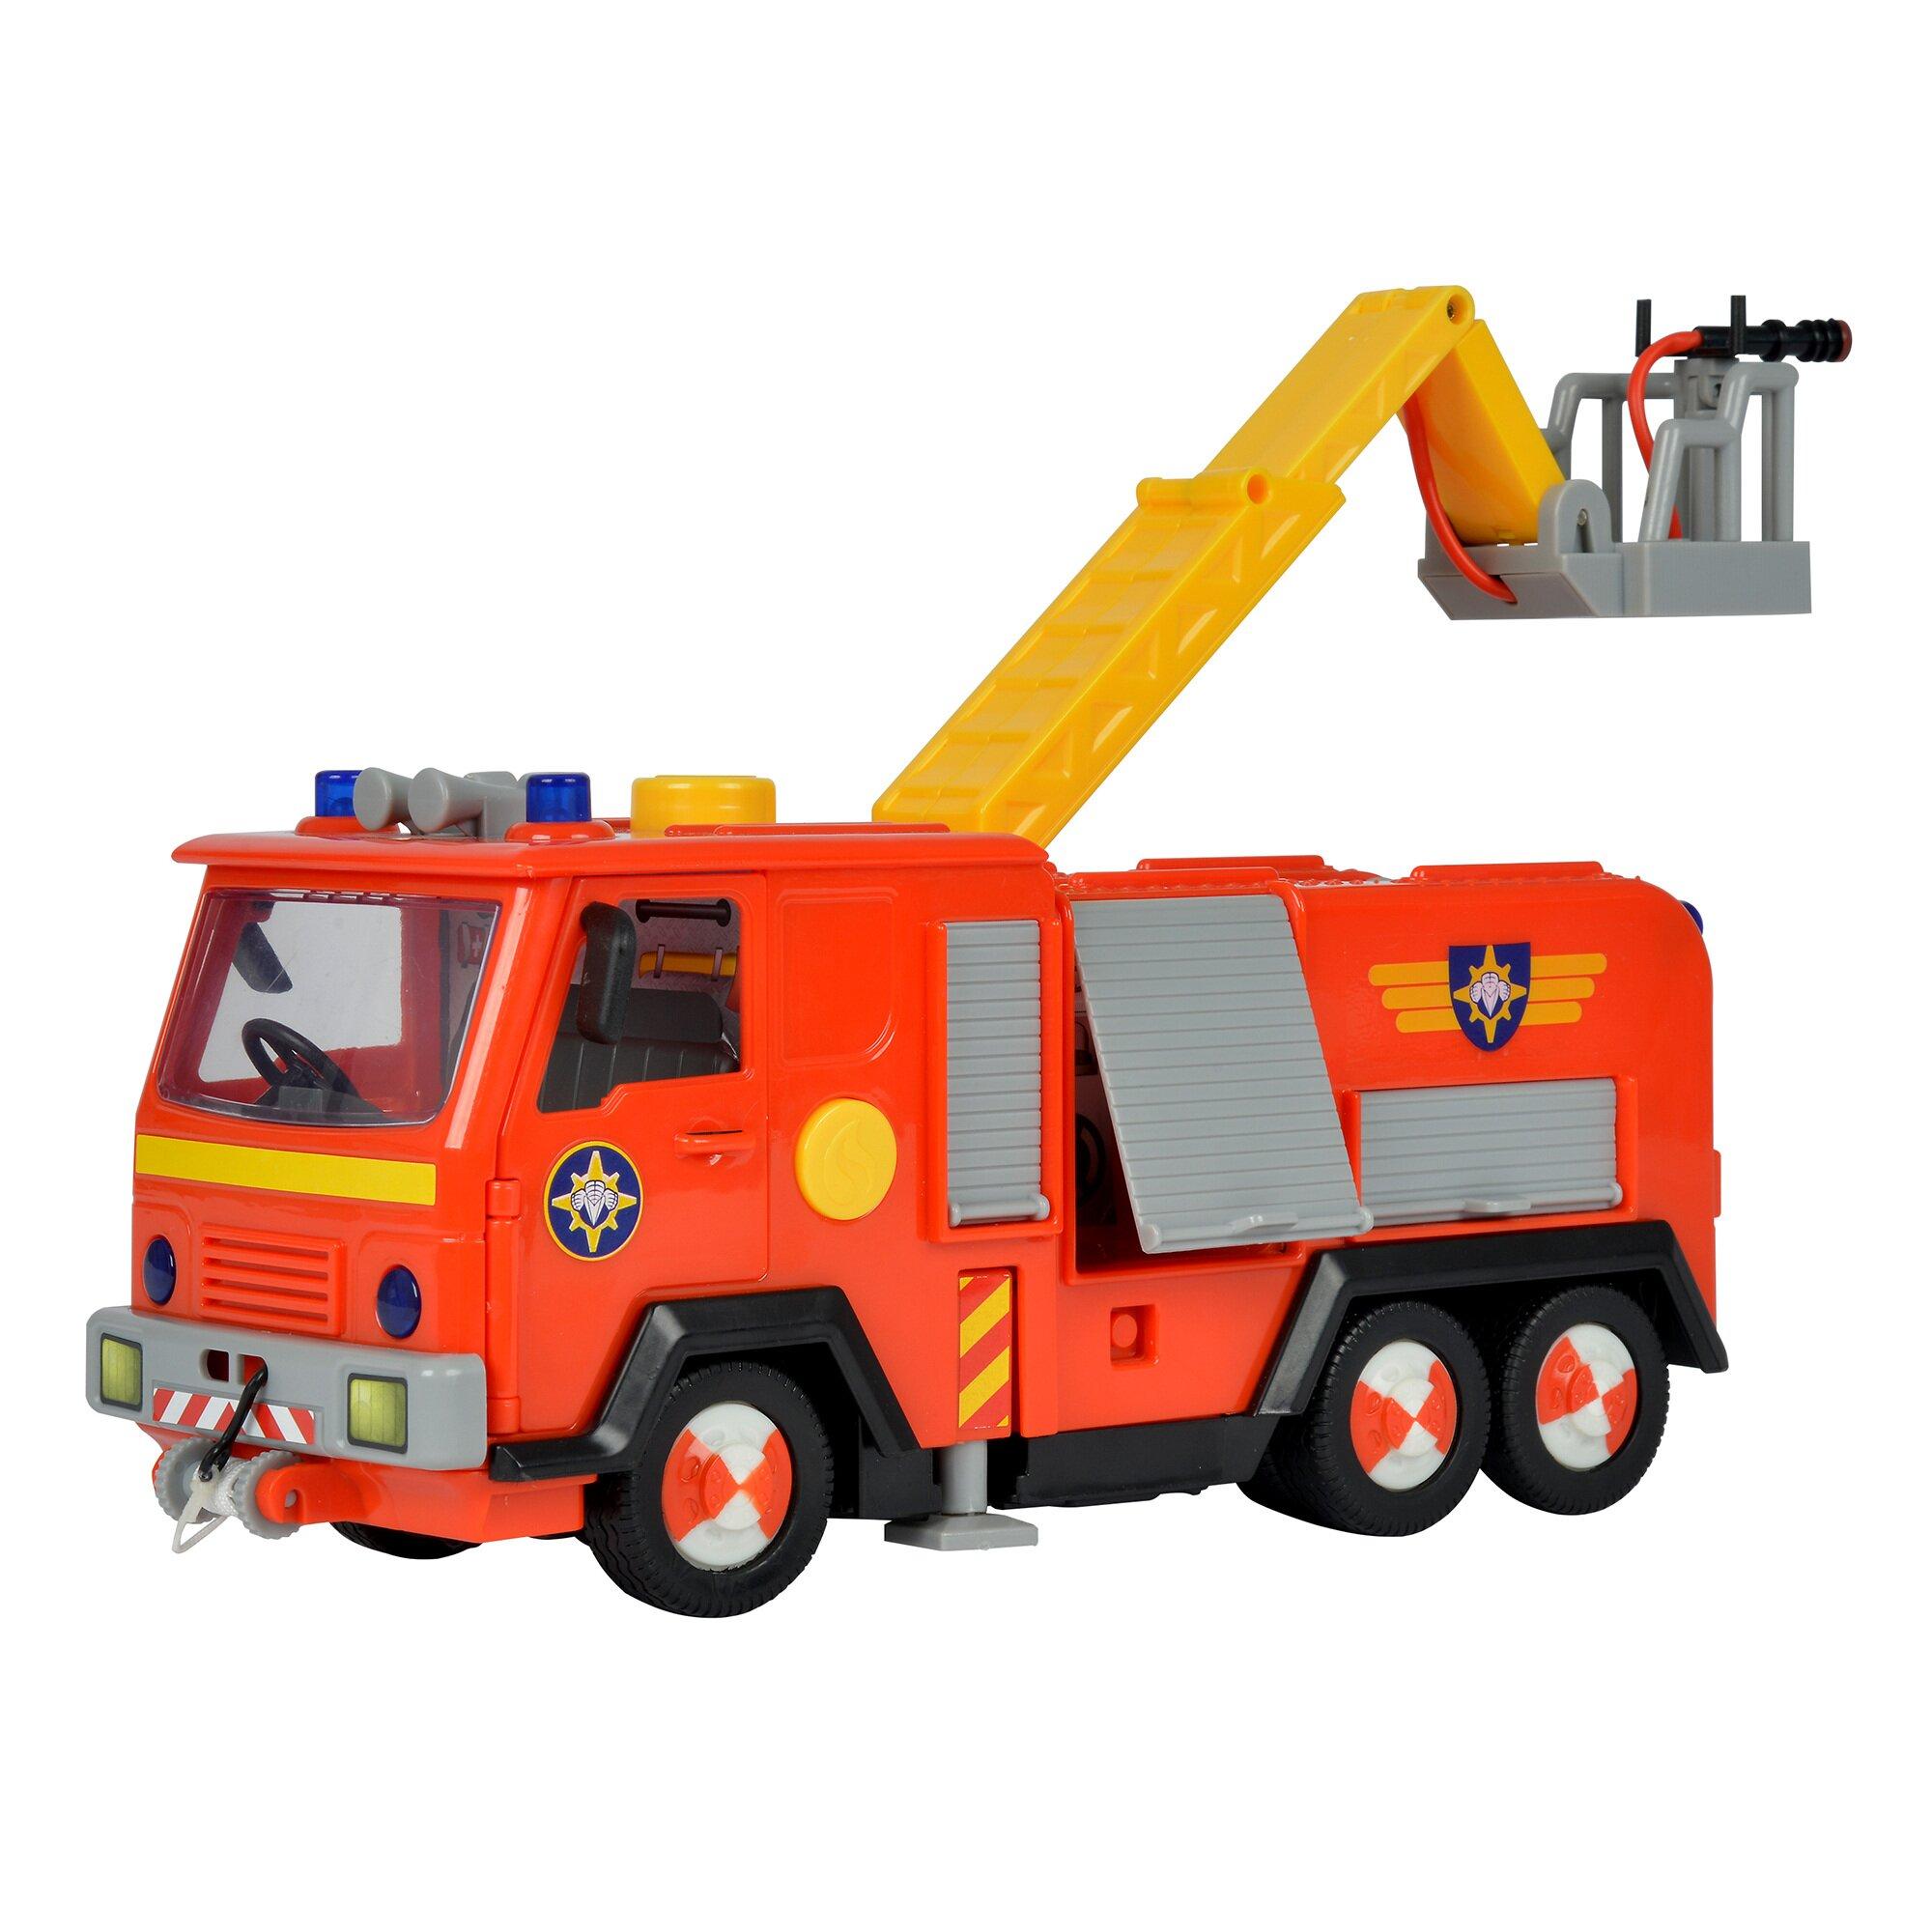 Feuerwehrmann Sam Feuerwehrwagen Jupiter mit 2 Figuren Preisvergleich